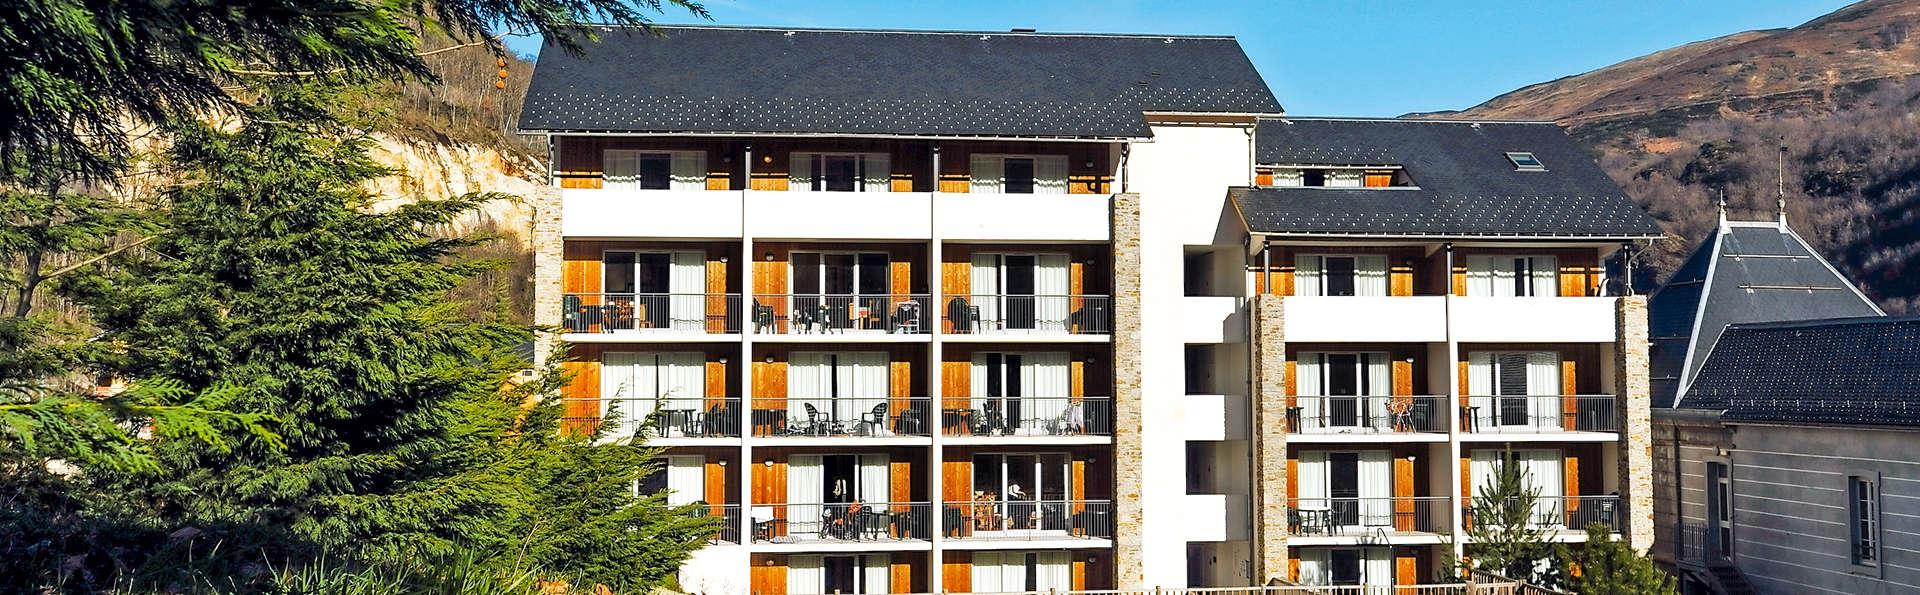 Pierre et Vacances Les Trois Domaines - Edit_Front.jpg